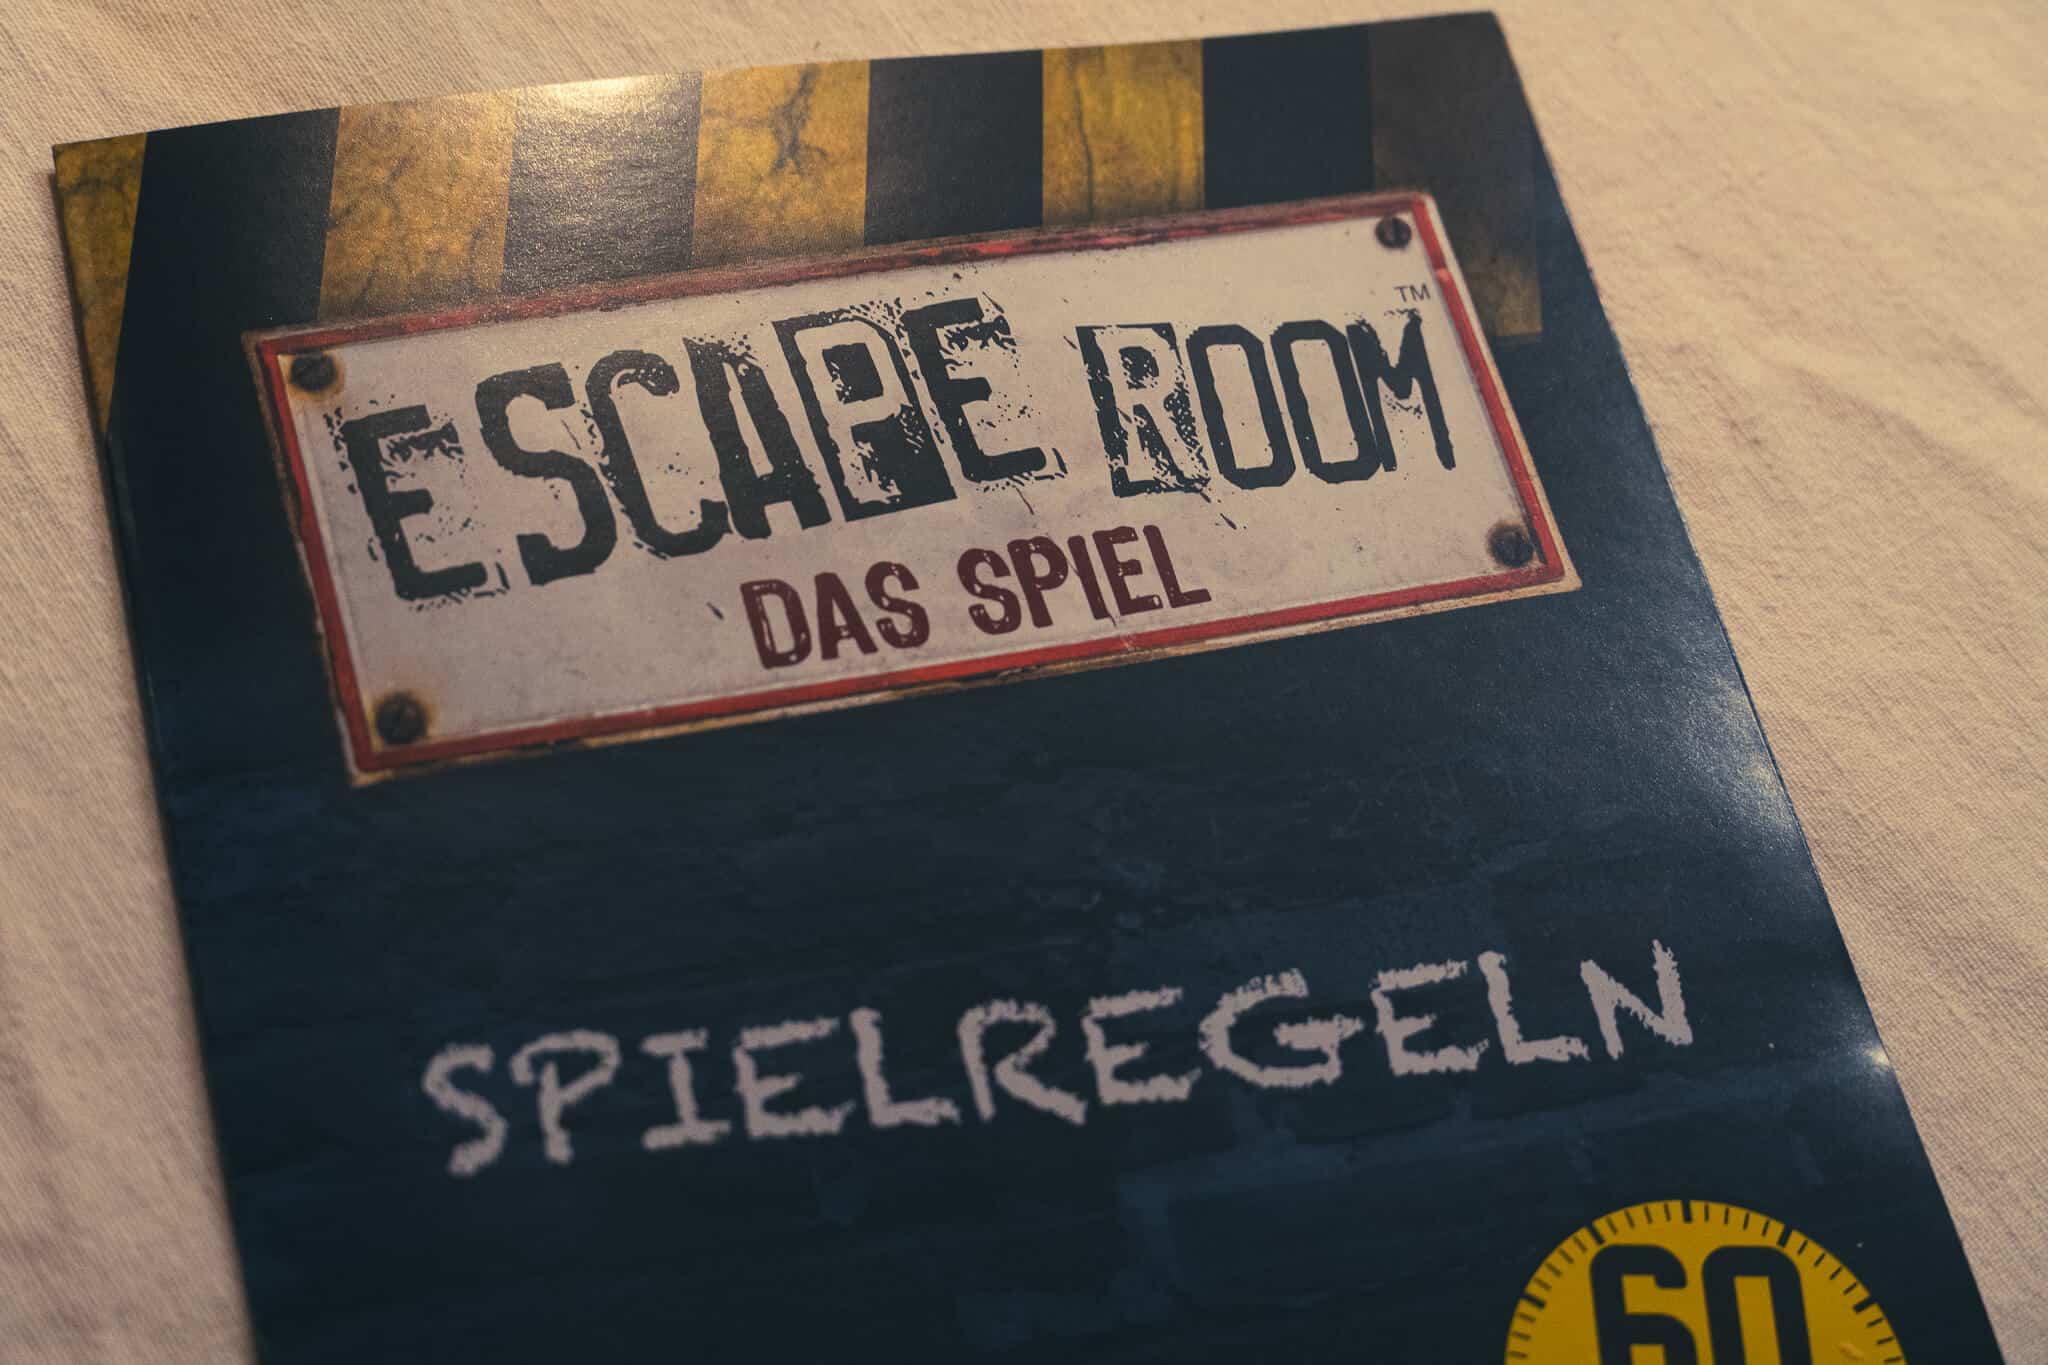 Escape Room Spielregeln